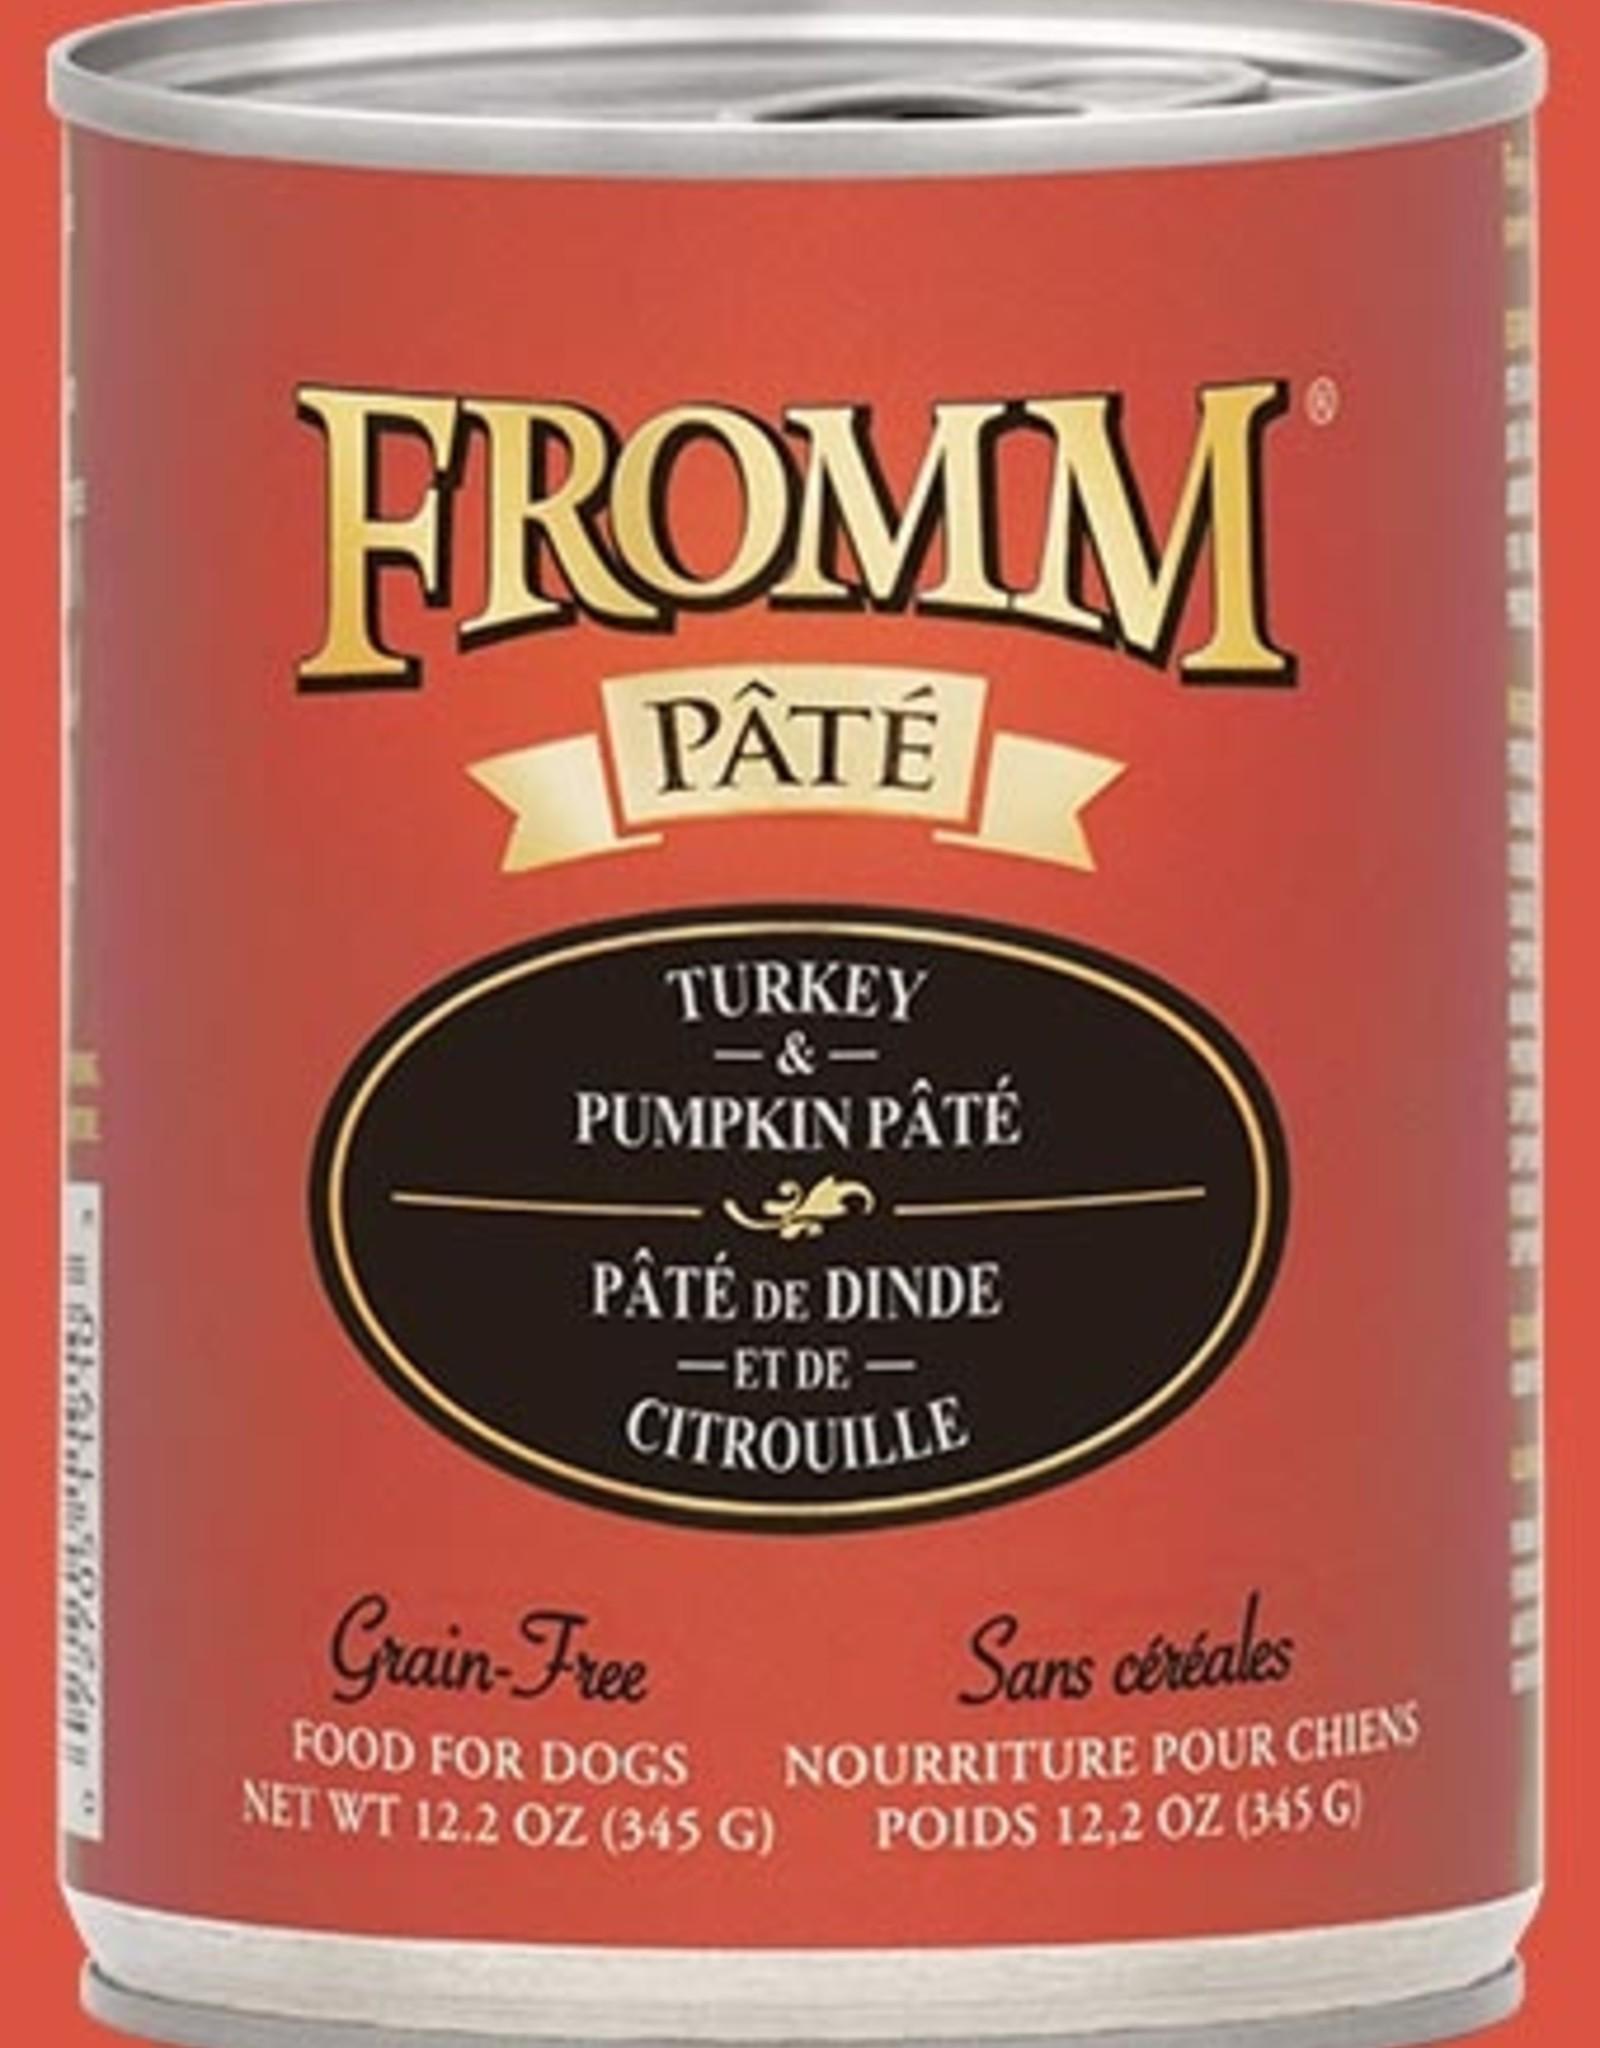 Fromm Turkey & Pumpkin Pate